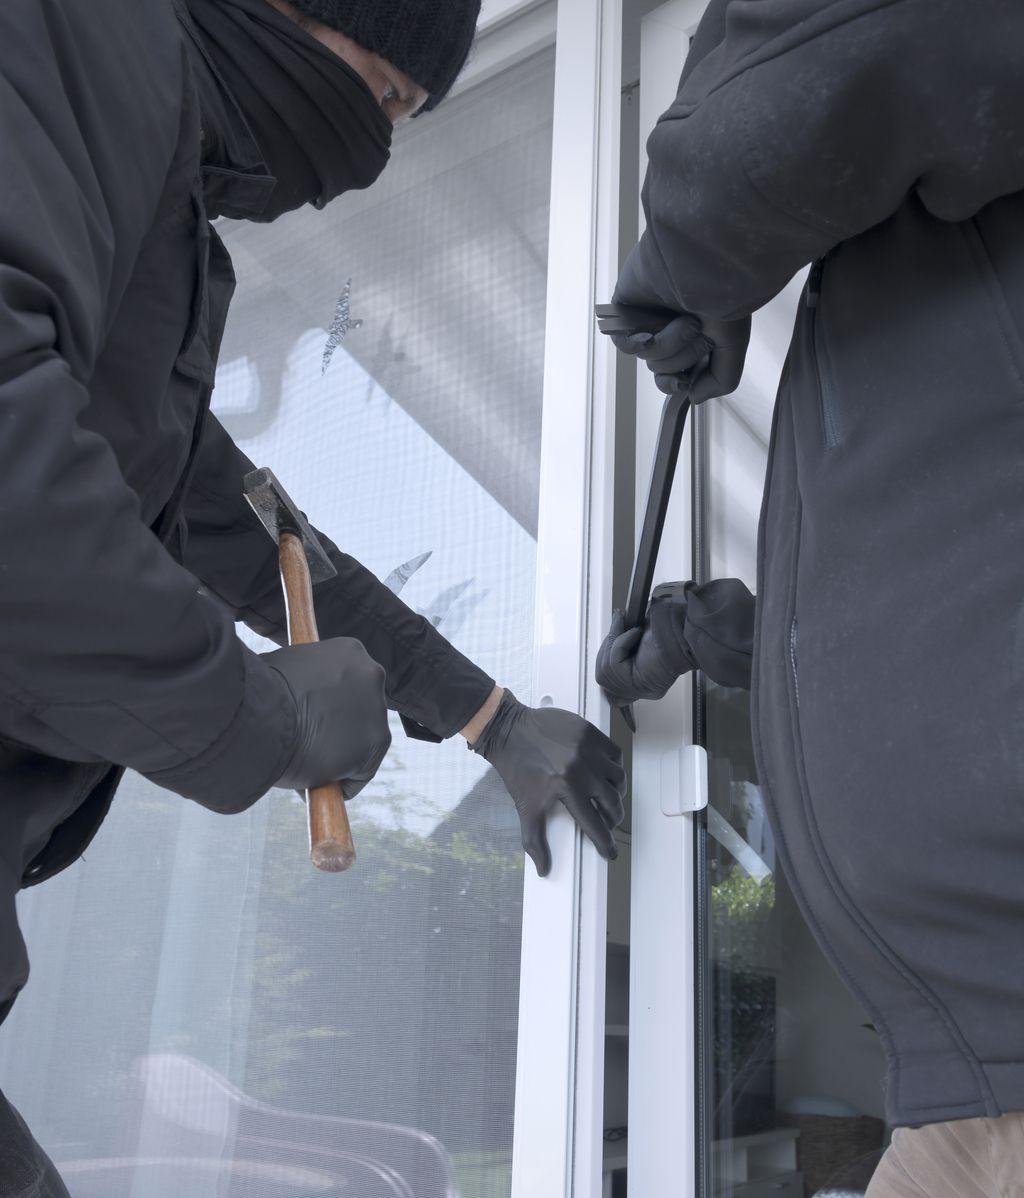 Ladrones forzando una puerta